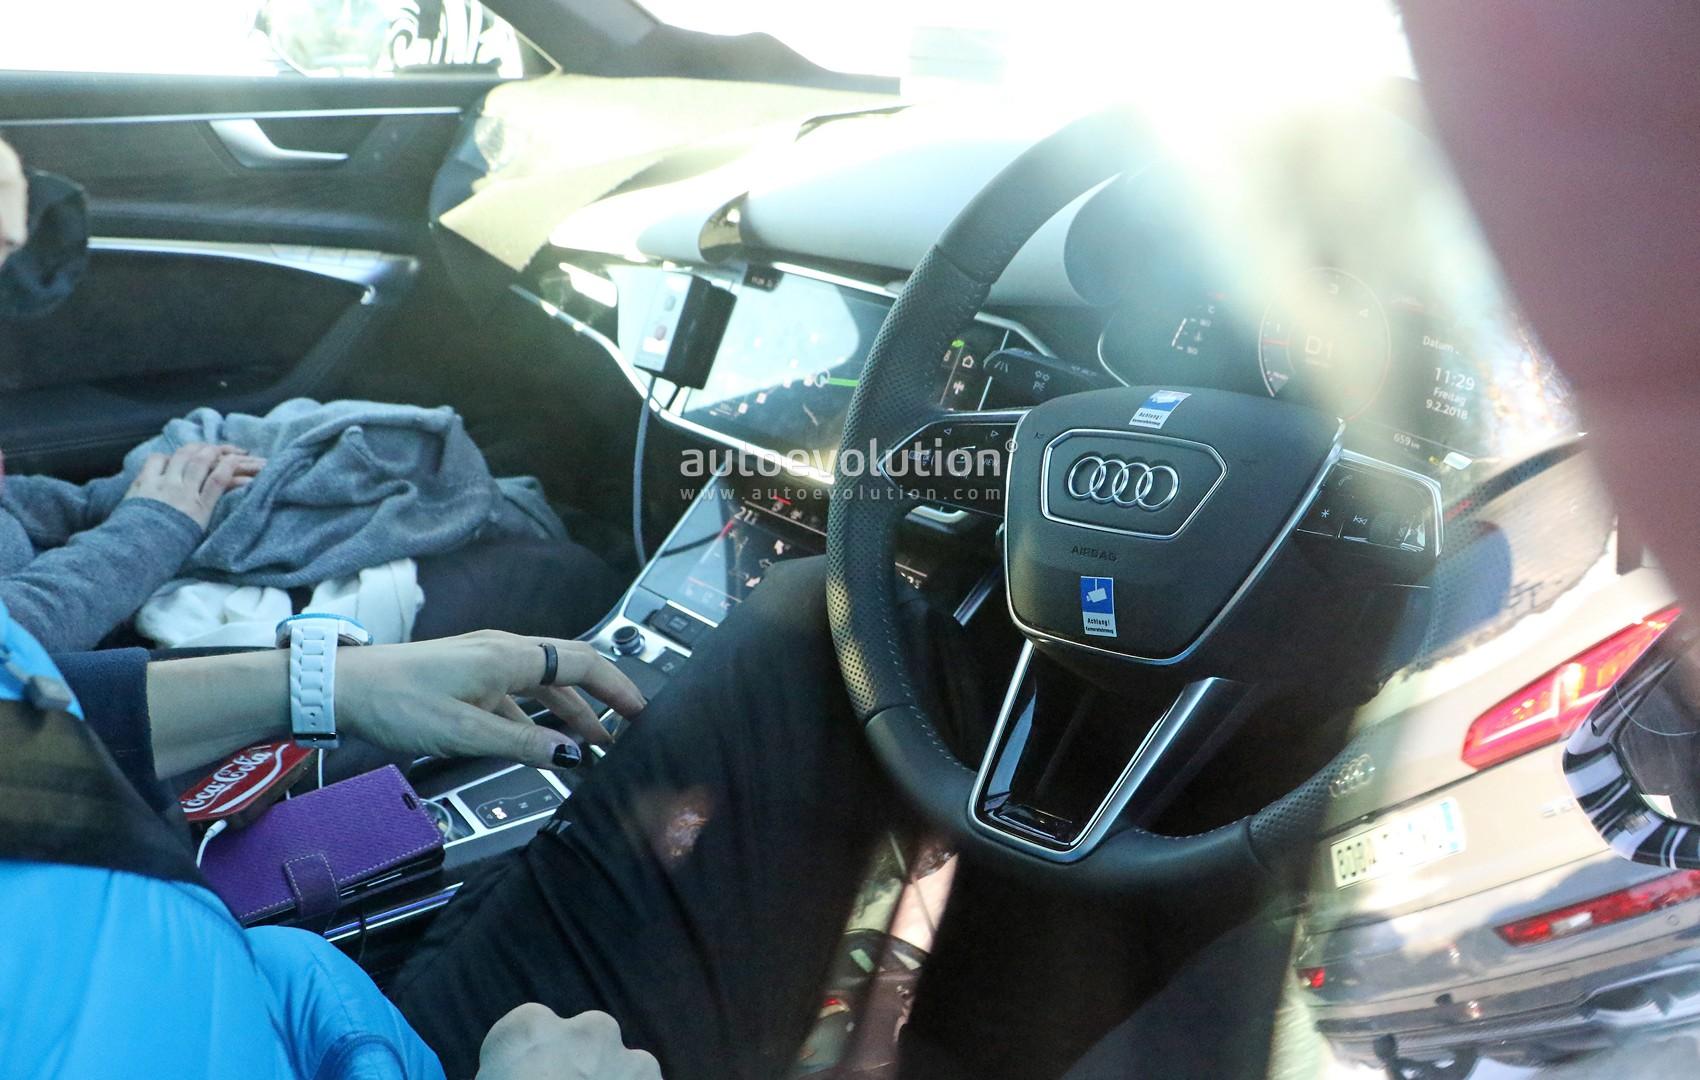 2019 Audi A6 Avant Interior Revealed: It\'s a Screen Fiesta ...